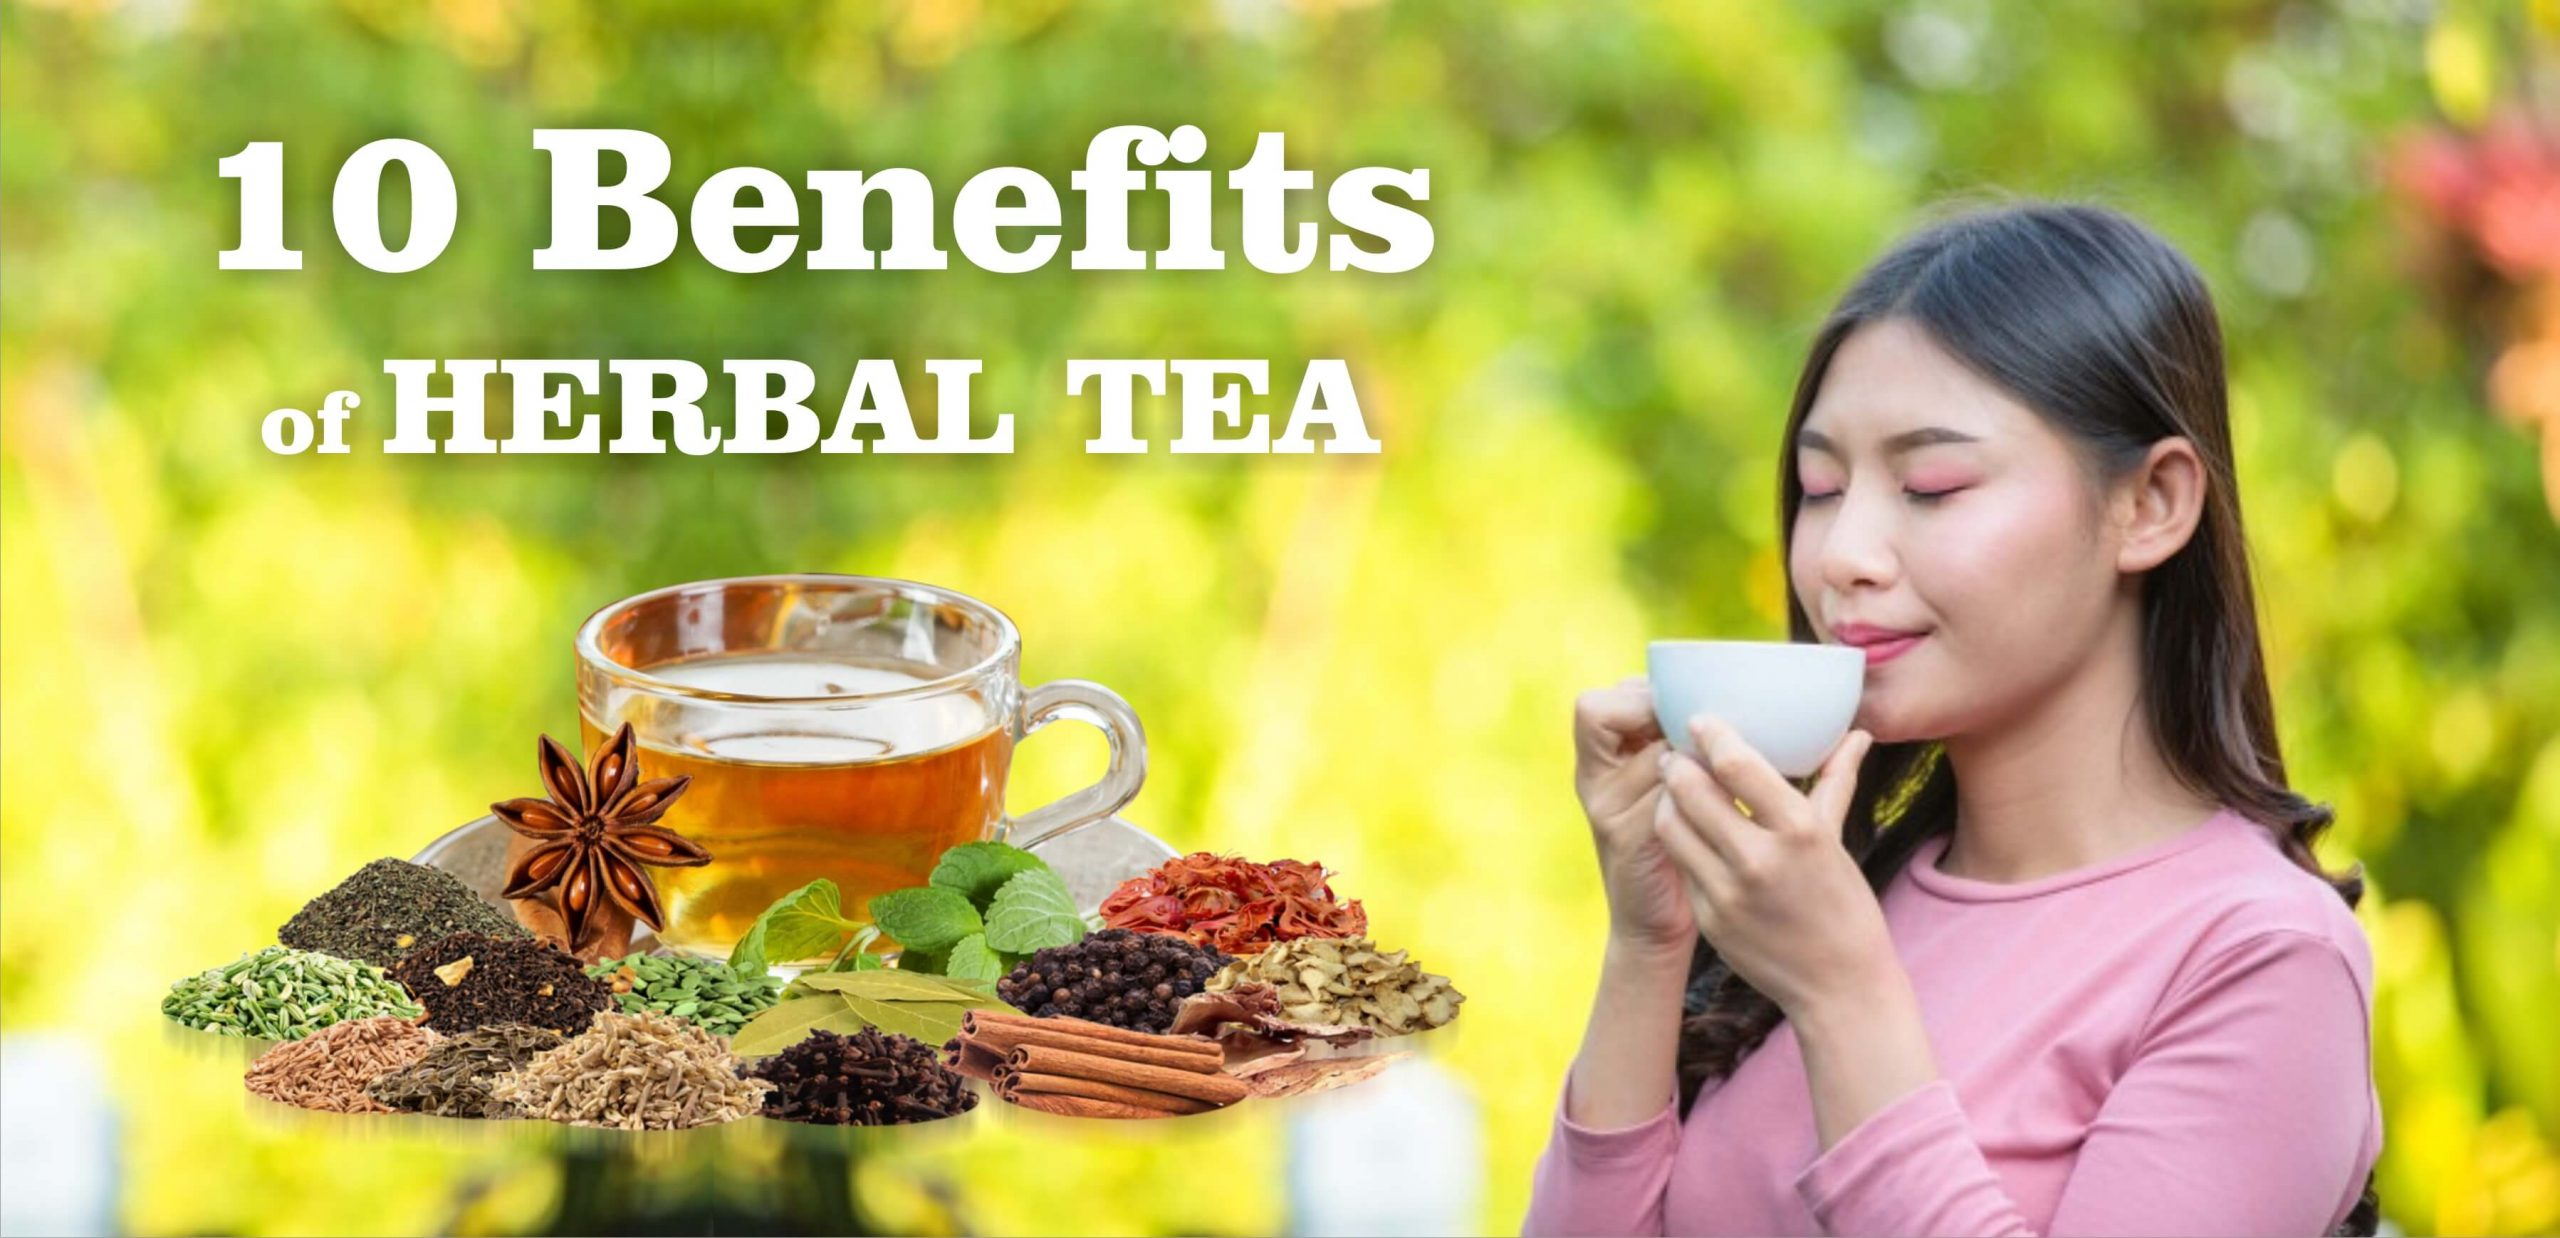 हर्बल चाय के 10 फायदे हैं  10 Benefits of herbal tea